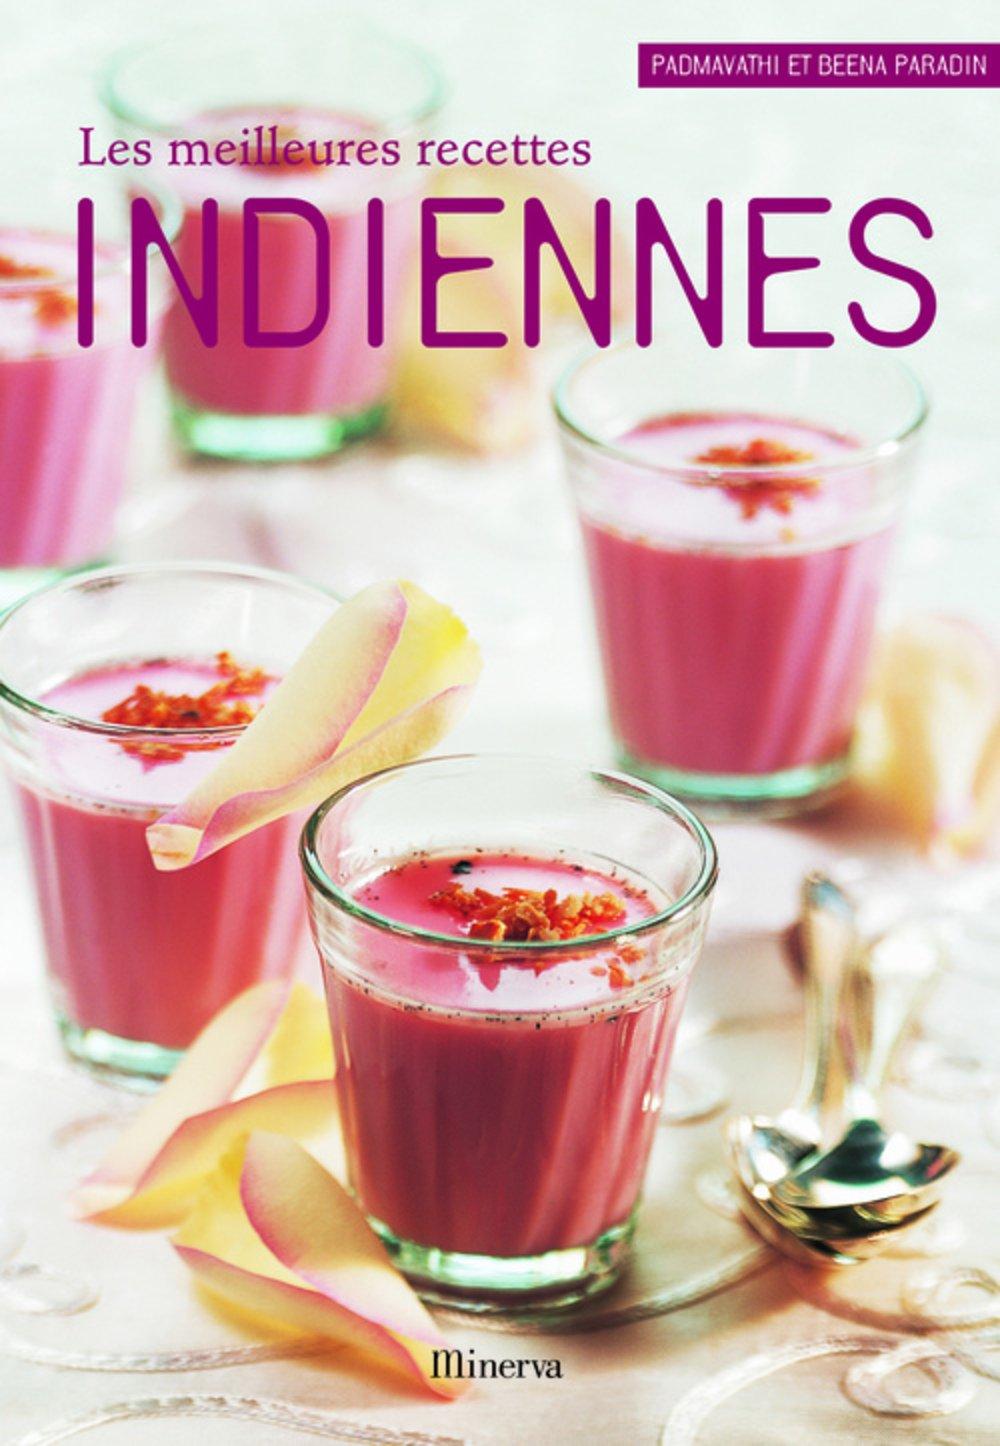 les meilleurs recettes indiennes - Bibliothèque